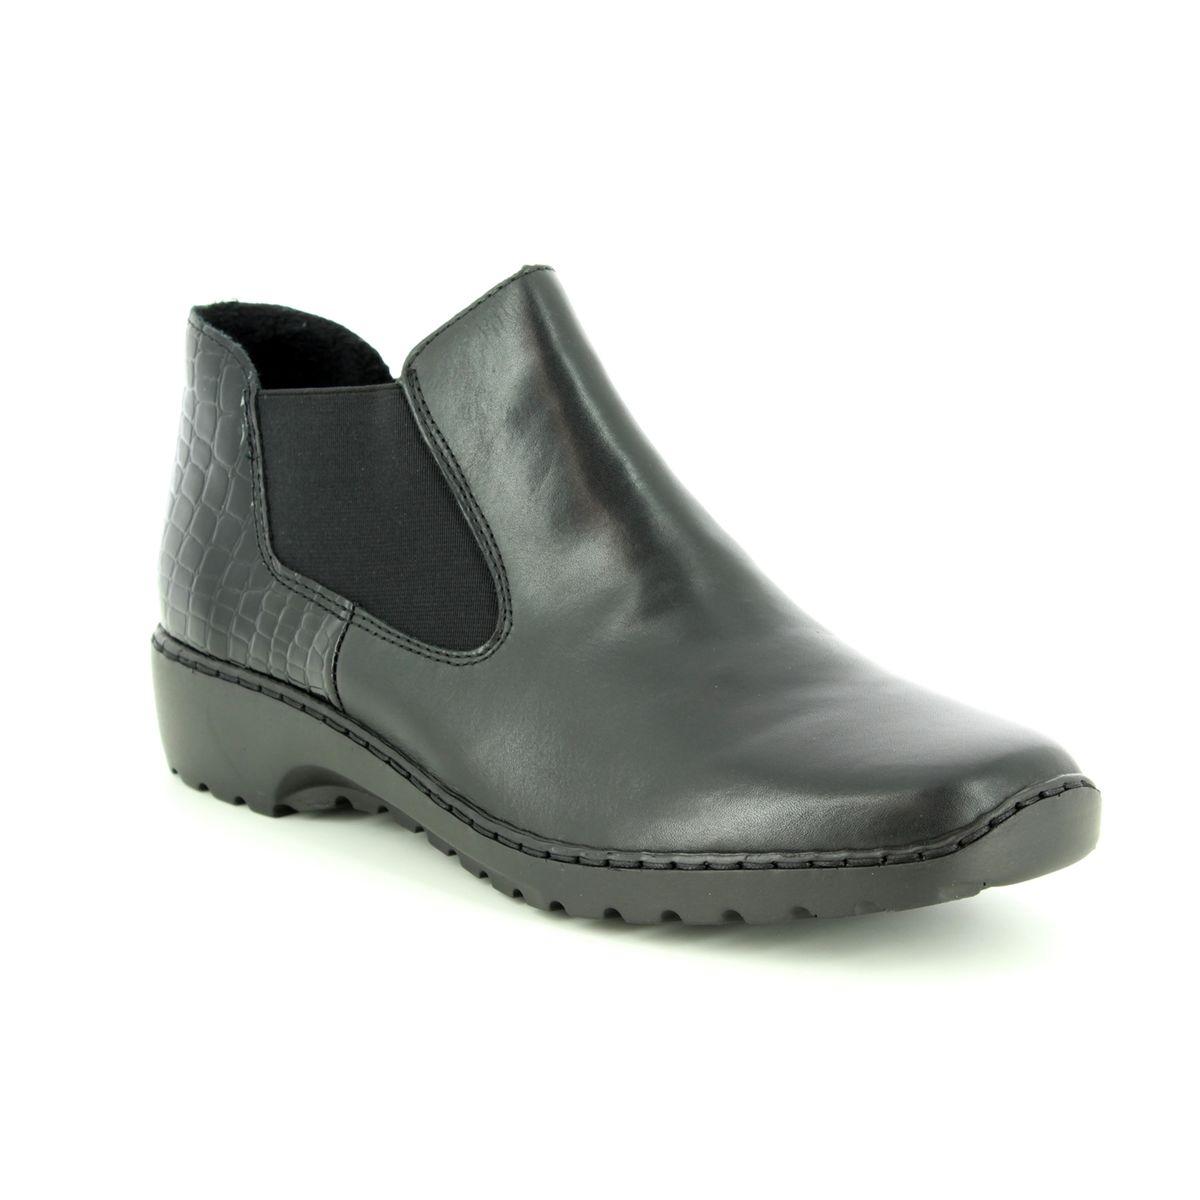 new product 8b04d b96d5 rieker-l6090-02-black-ankle-boots-1531237533-930609002-01.jpg